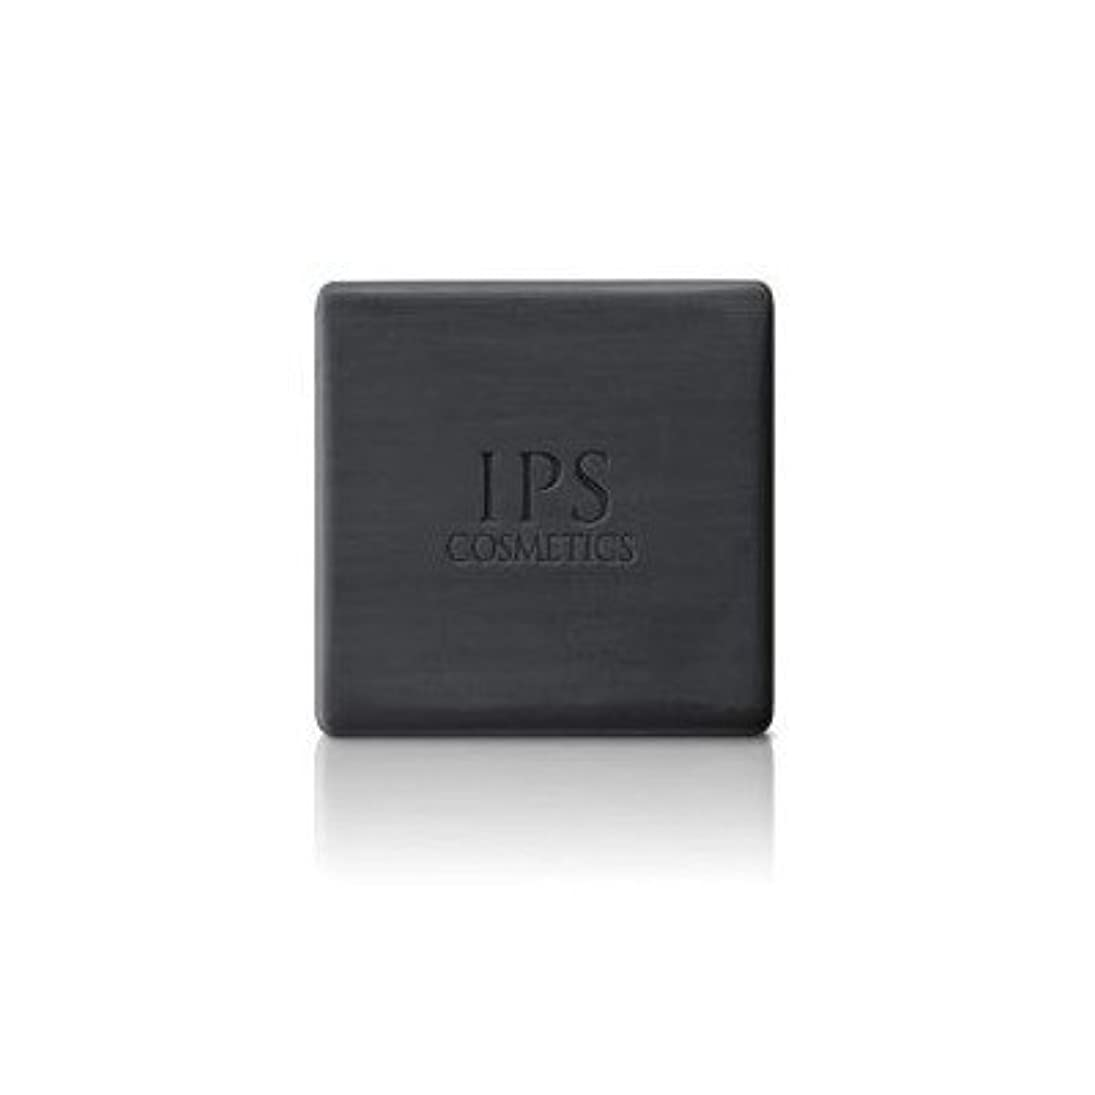 蛾蛾官僚お得な3個セット IPS コンディショニングバー 洗顔石鹸 120g